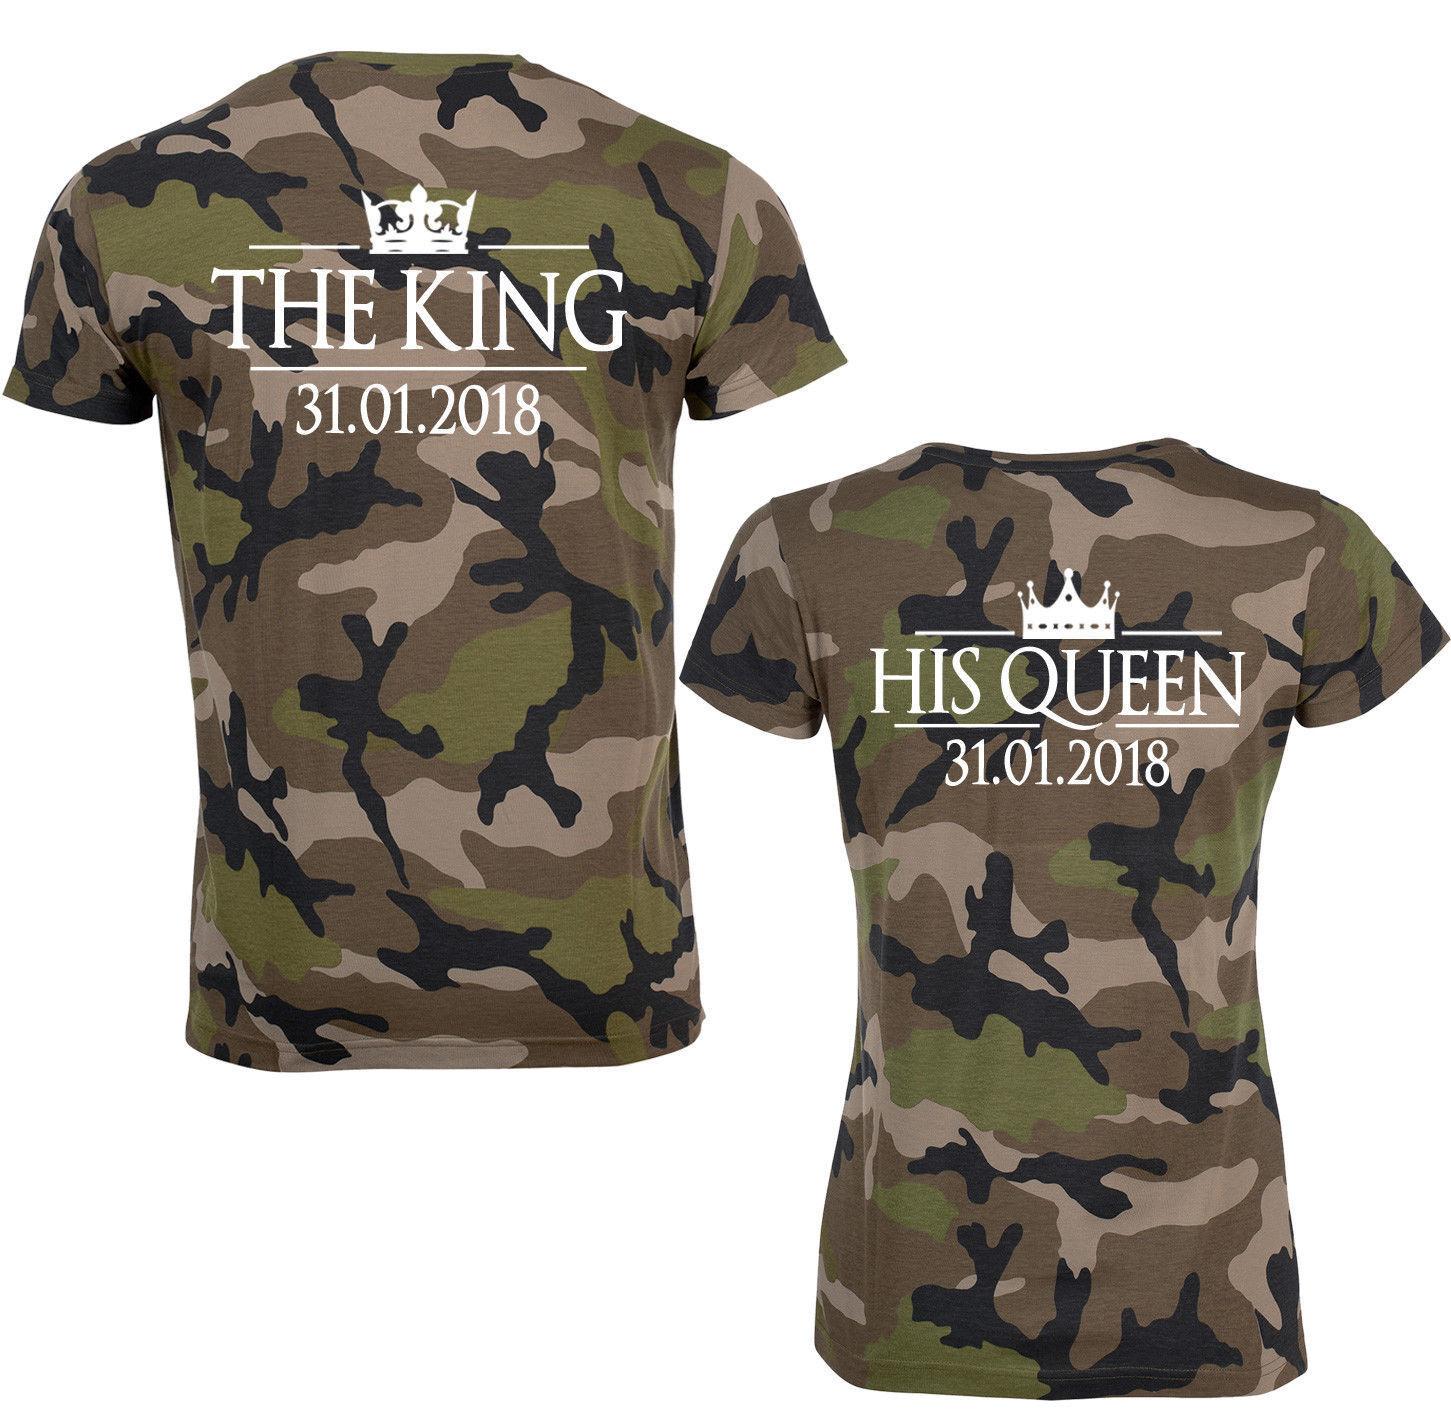 TRVPPY Partner Pärchen Shirts  The King & His Queen  mit Wunschdatum in CAMOU    | Elegant und feierlich  | Angemessener Preis  | Hohe Qualität und geringer Aufwand